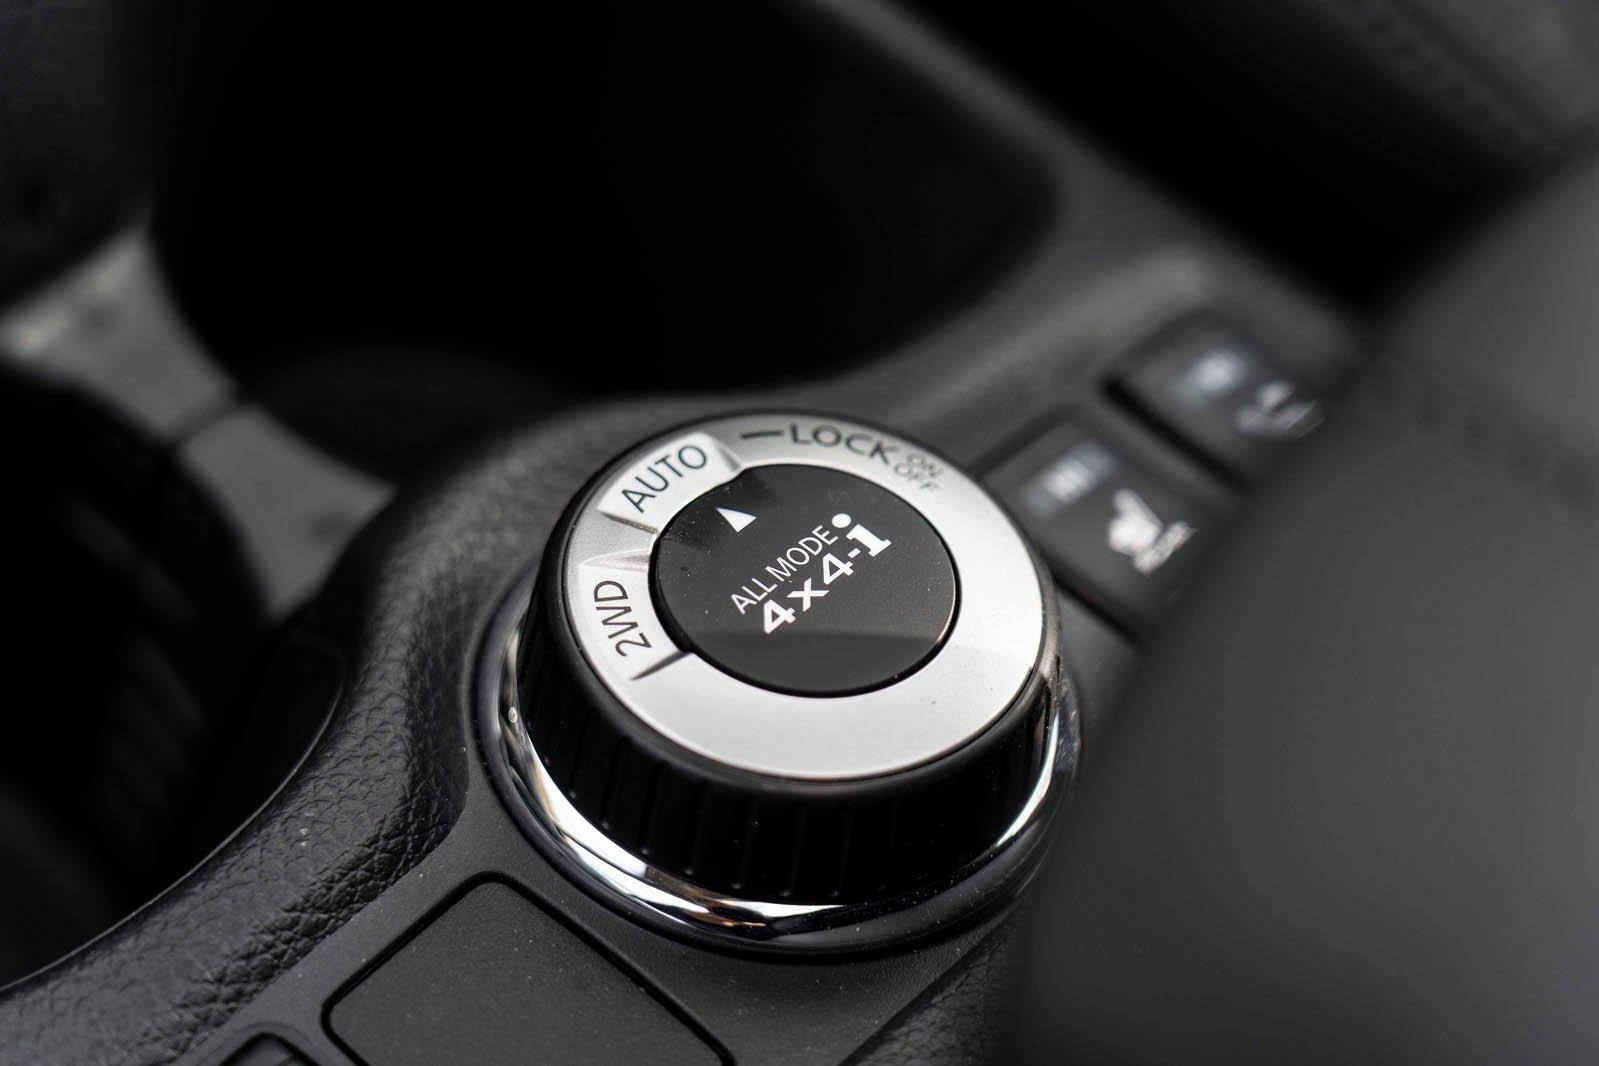 Nissan X-Trail 2019 RHD centre dial detail